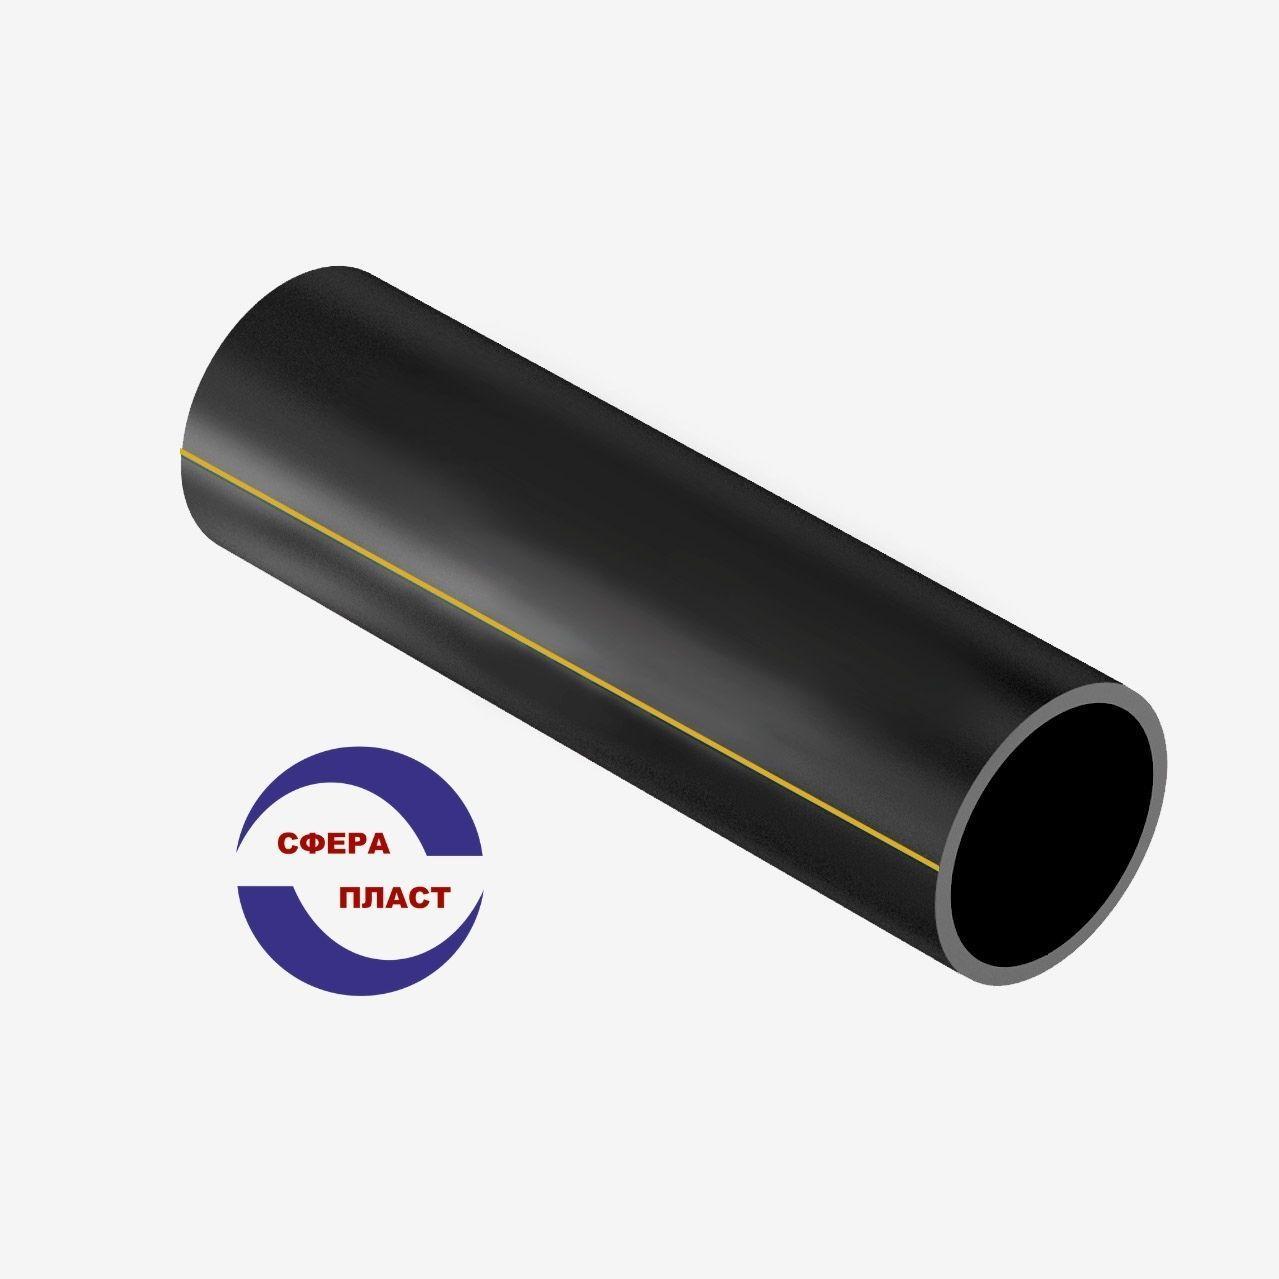 Труба Ду-110x10,0 SDR11 ГАЗ (16 атм.) полиэтиленовая ПЭ-100